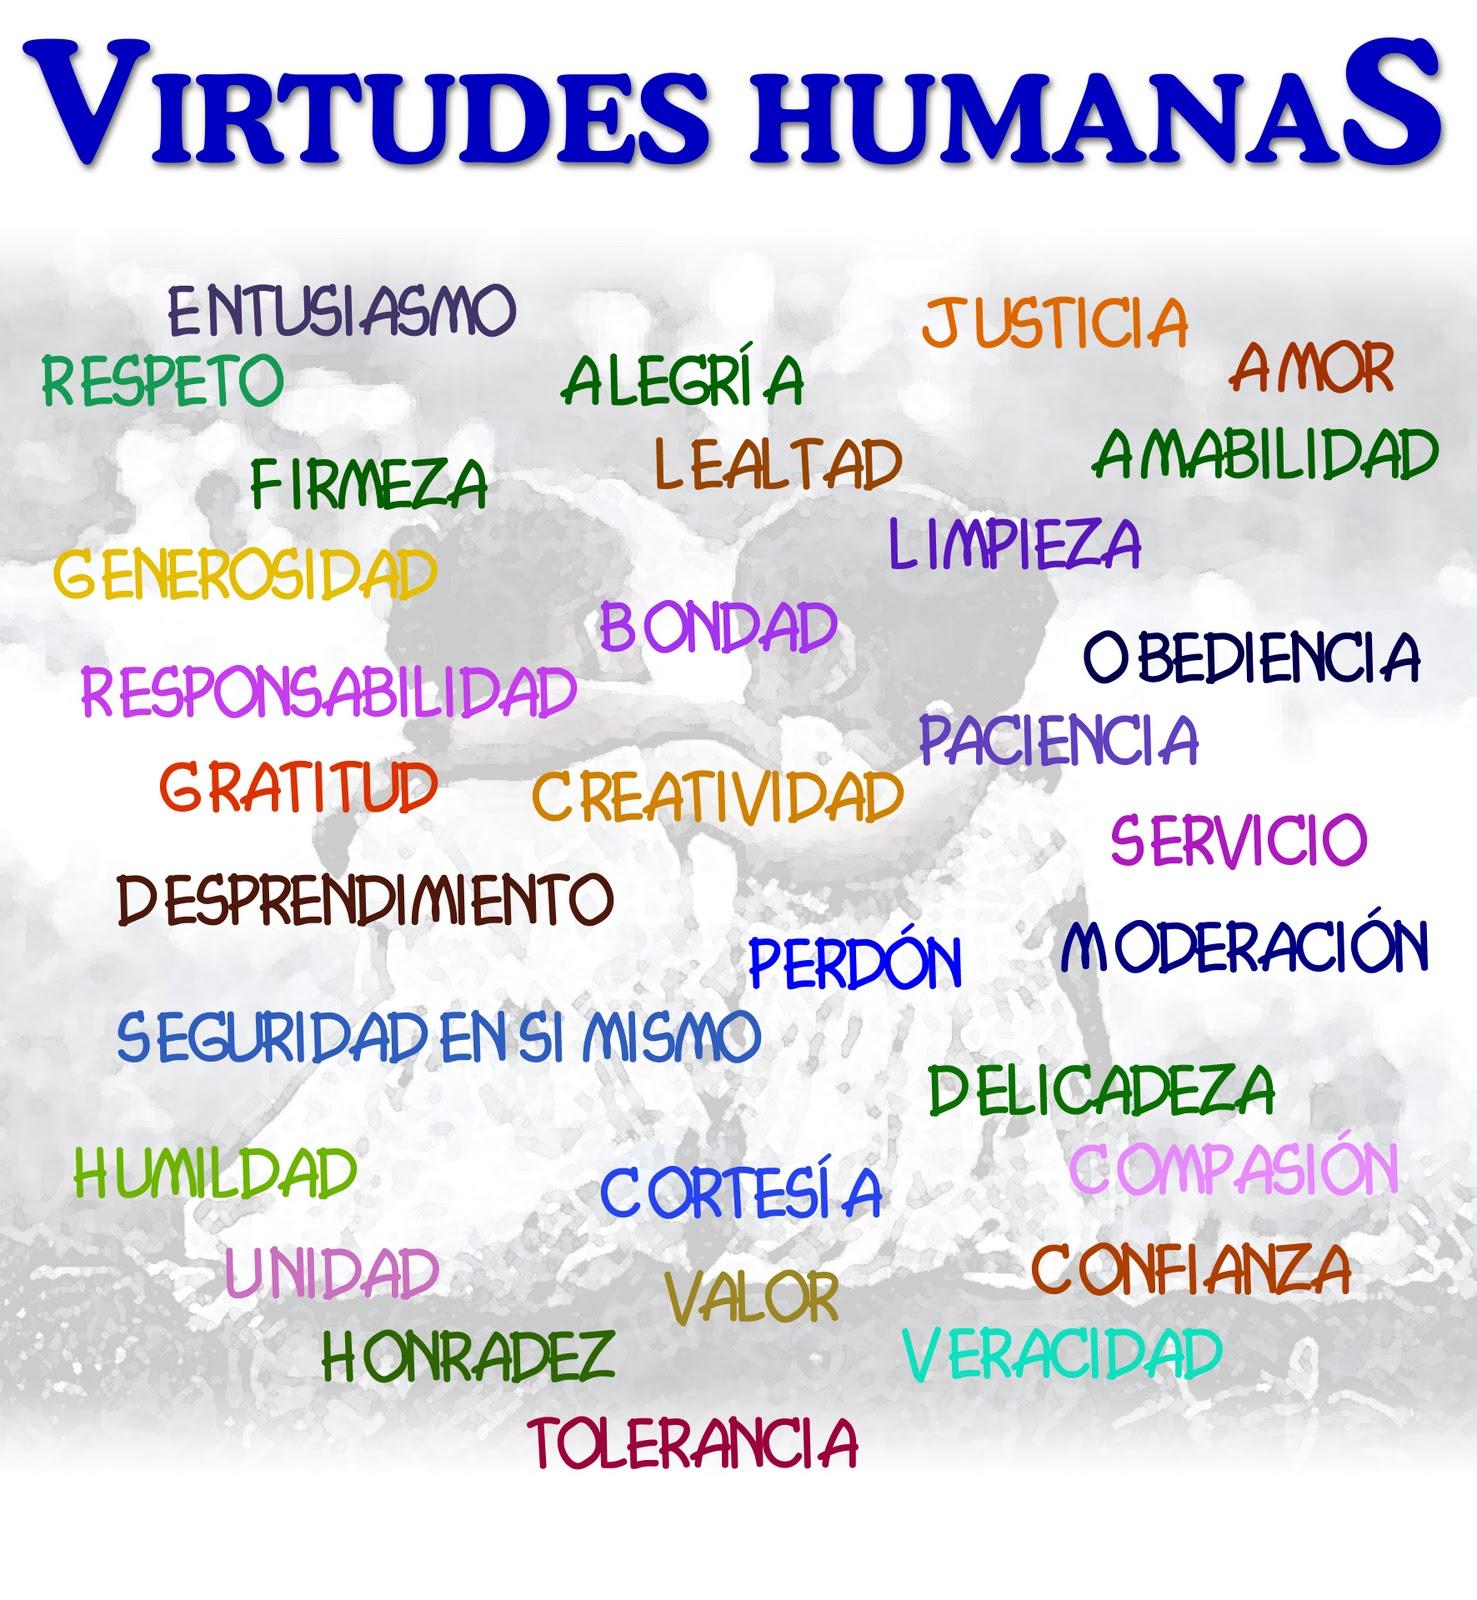 Un Ser Complejo ética Virtudes Y Conciencia Virtudes Humanas